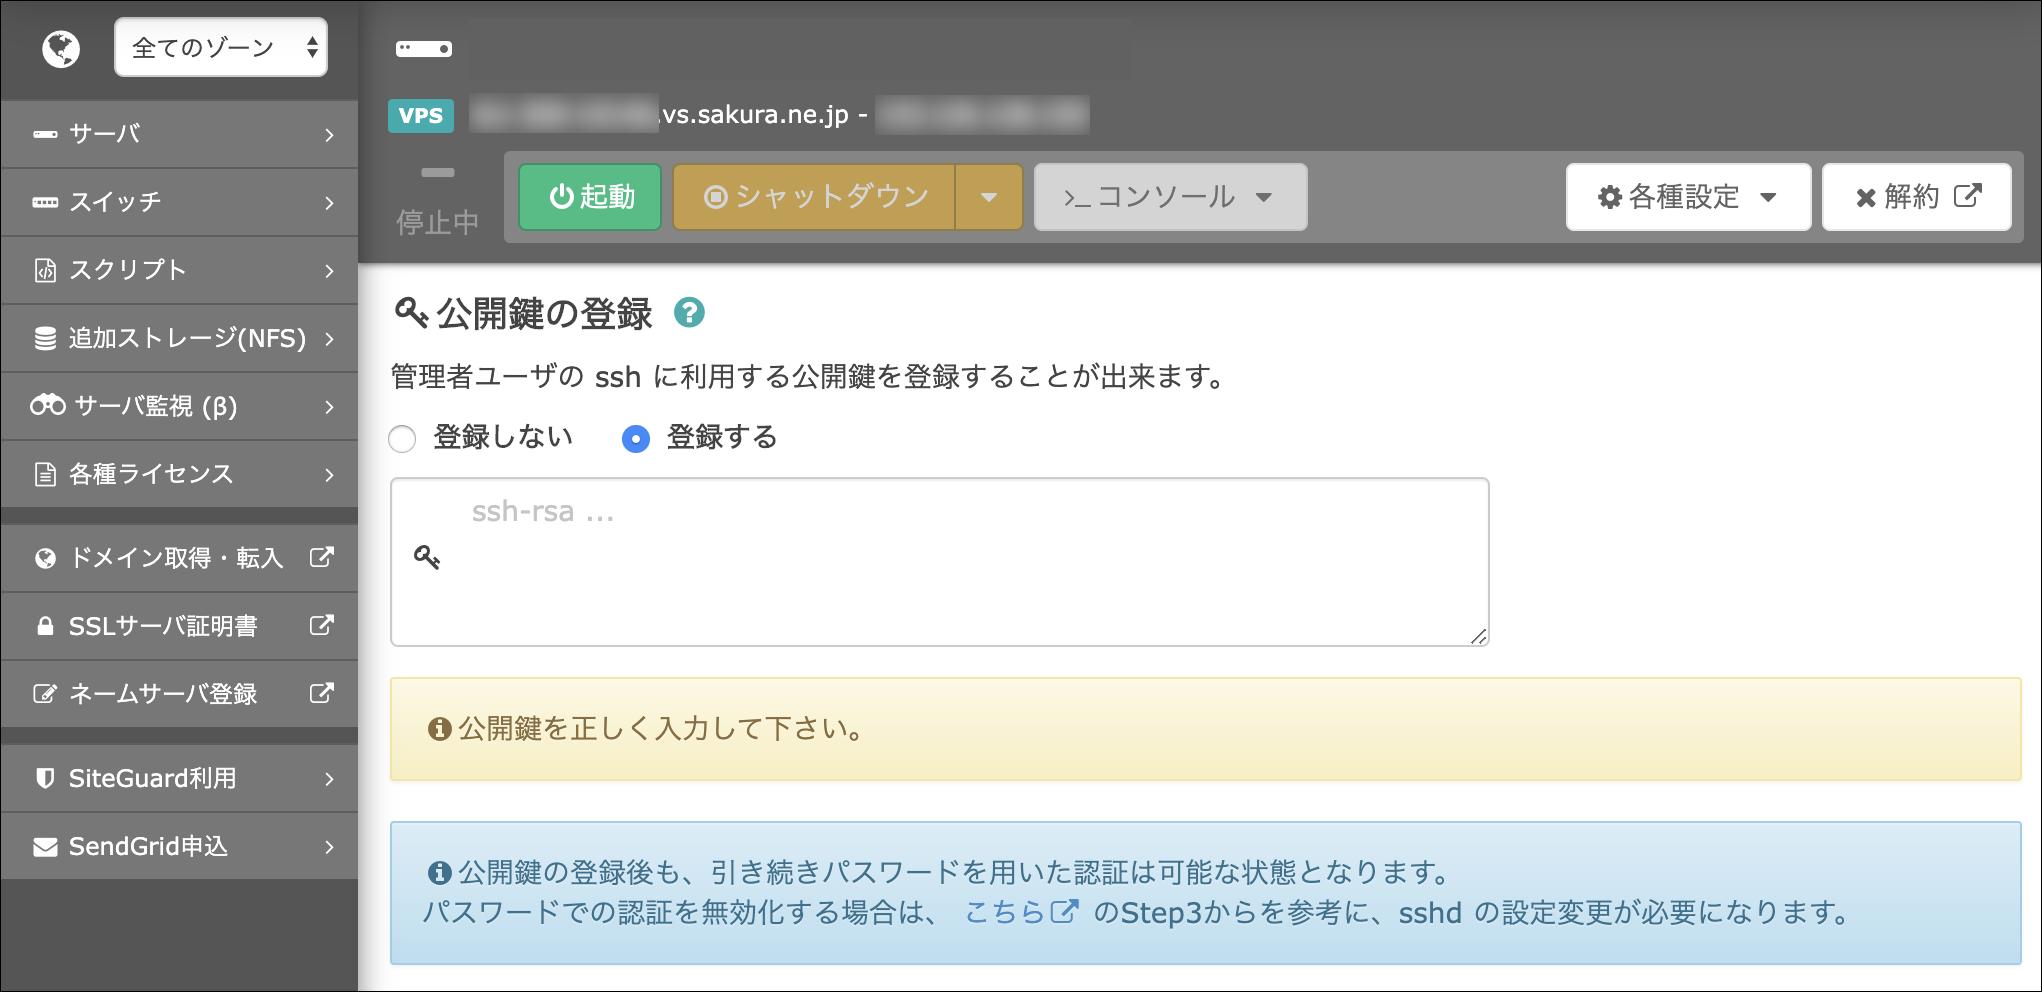 さくらのVPS コントロールパネルで「SSH公開鍵の登録」ができる機能を追加しました